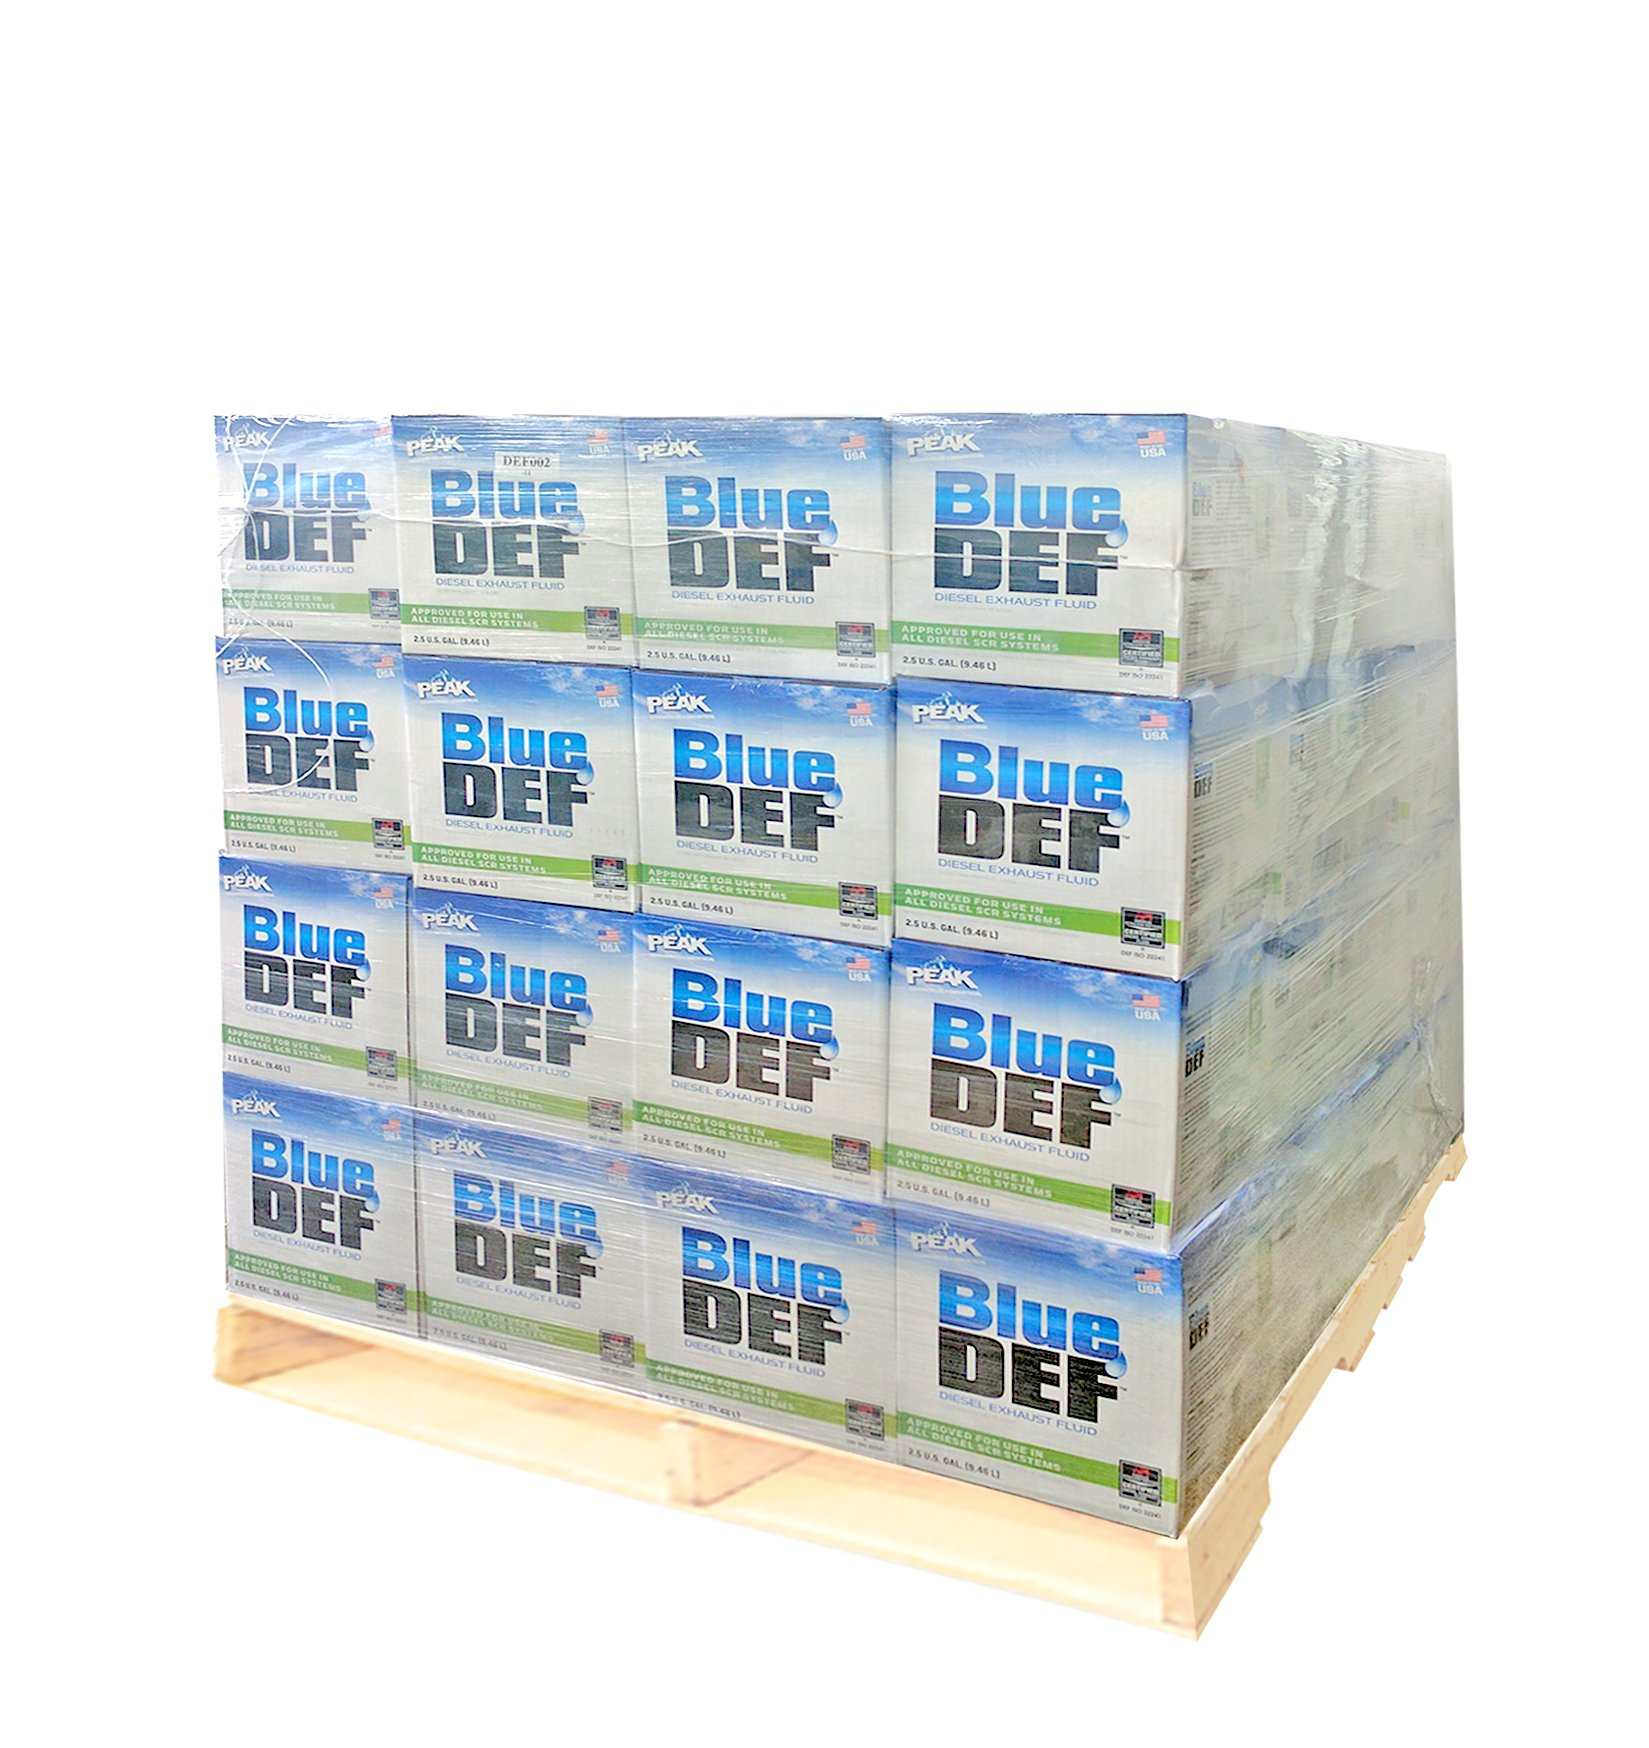 (Pack of 40) BlueDEF DEF002 Diesel Exhaust Fluid - 2.5 Gallon Jug by Peak